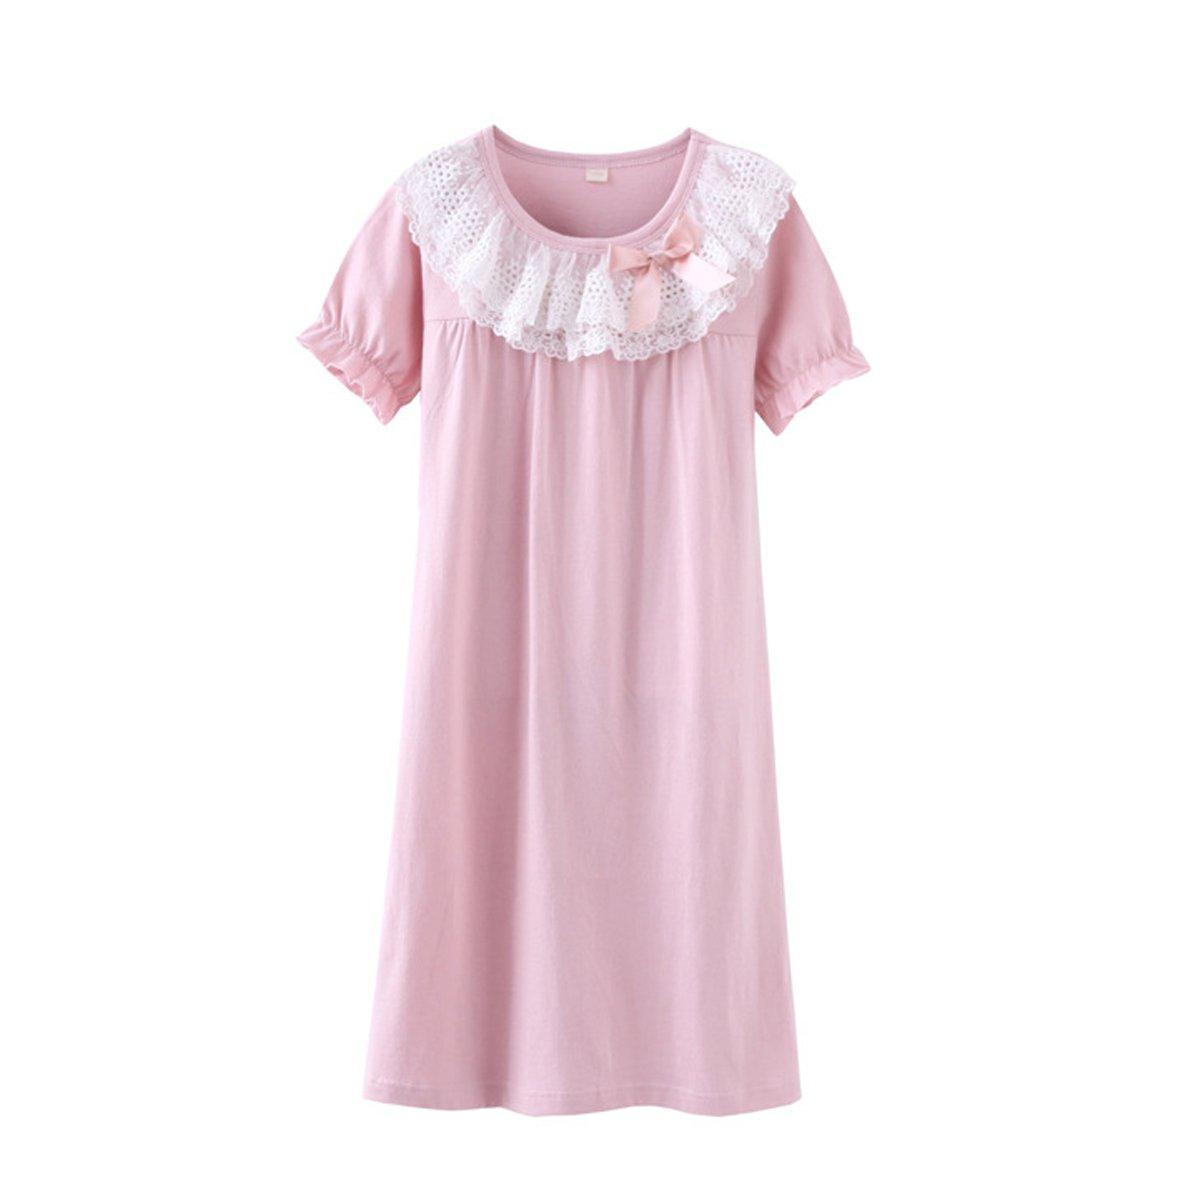 leader Jin Girls Kids Princess Lace Bowknot Nightgown Long Sleeve Cotton Sleepwear Dress Pretty Homewear Dress